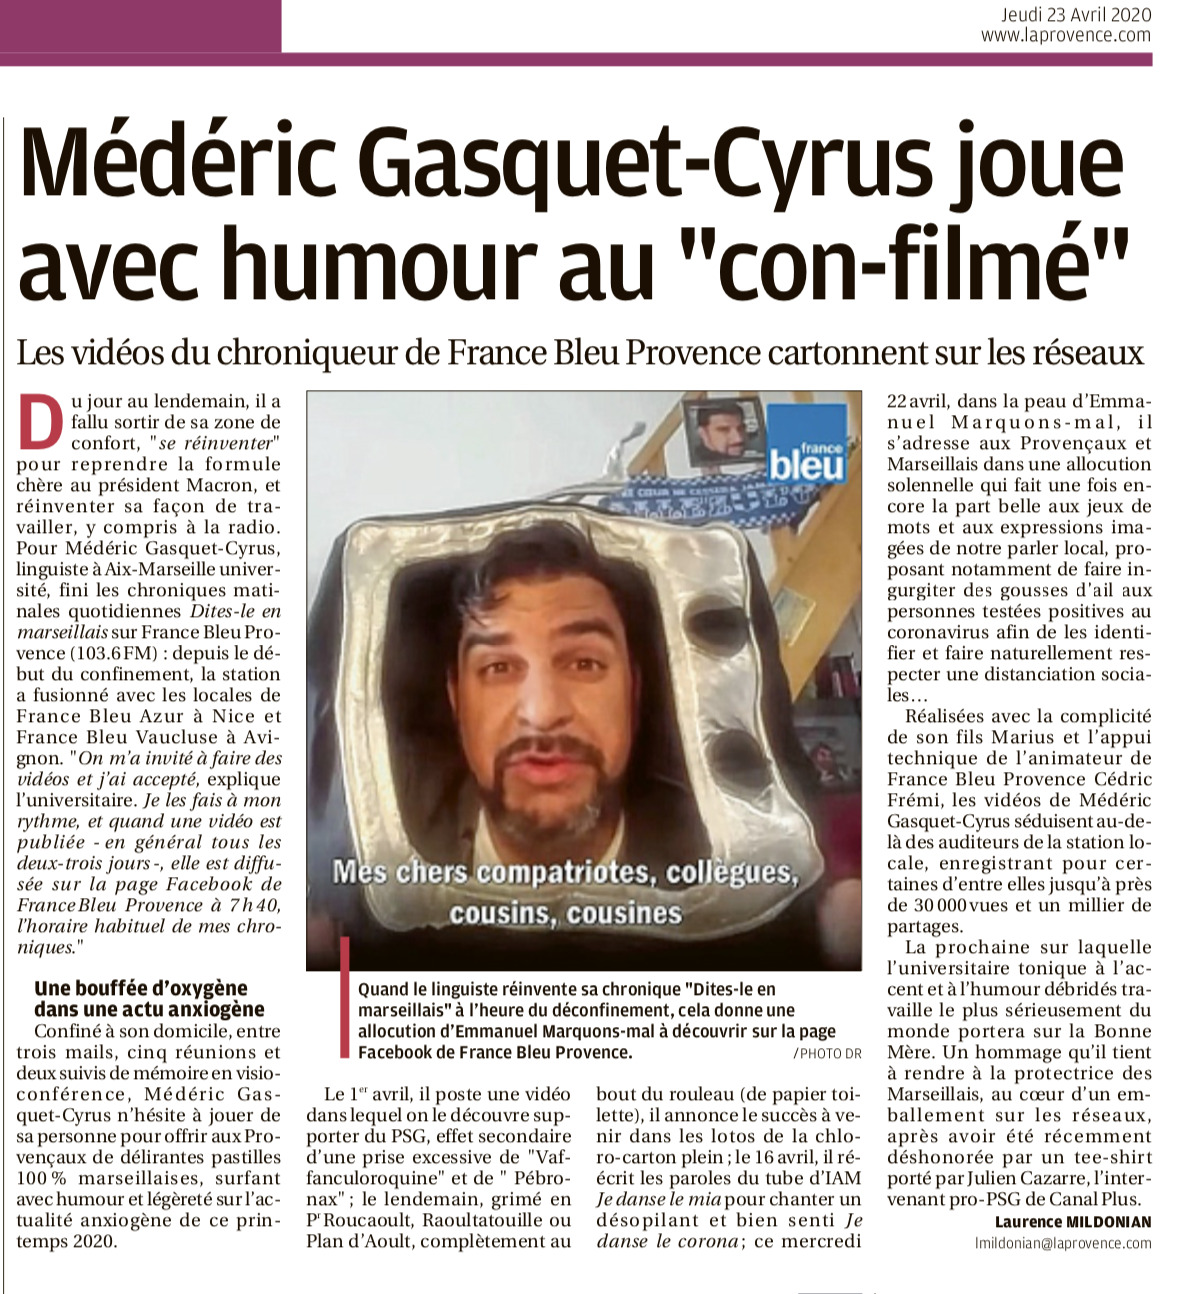 La Provence, Médéric Gasquet-Cyrus joue avec humour au con-filmé, 23 avril 2020